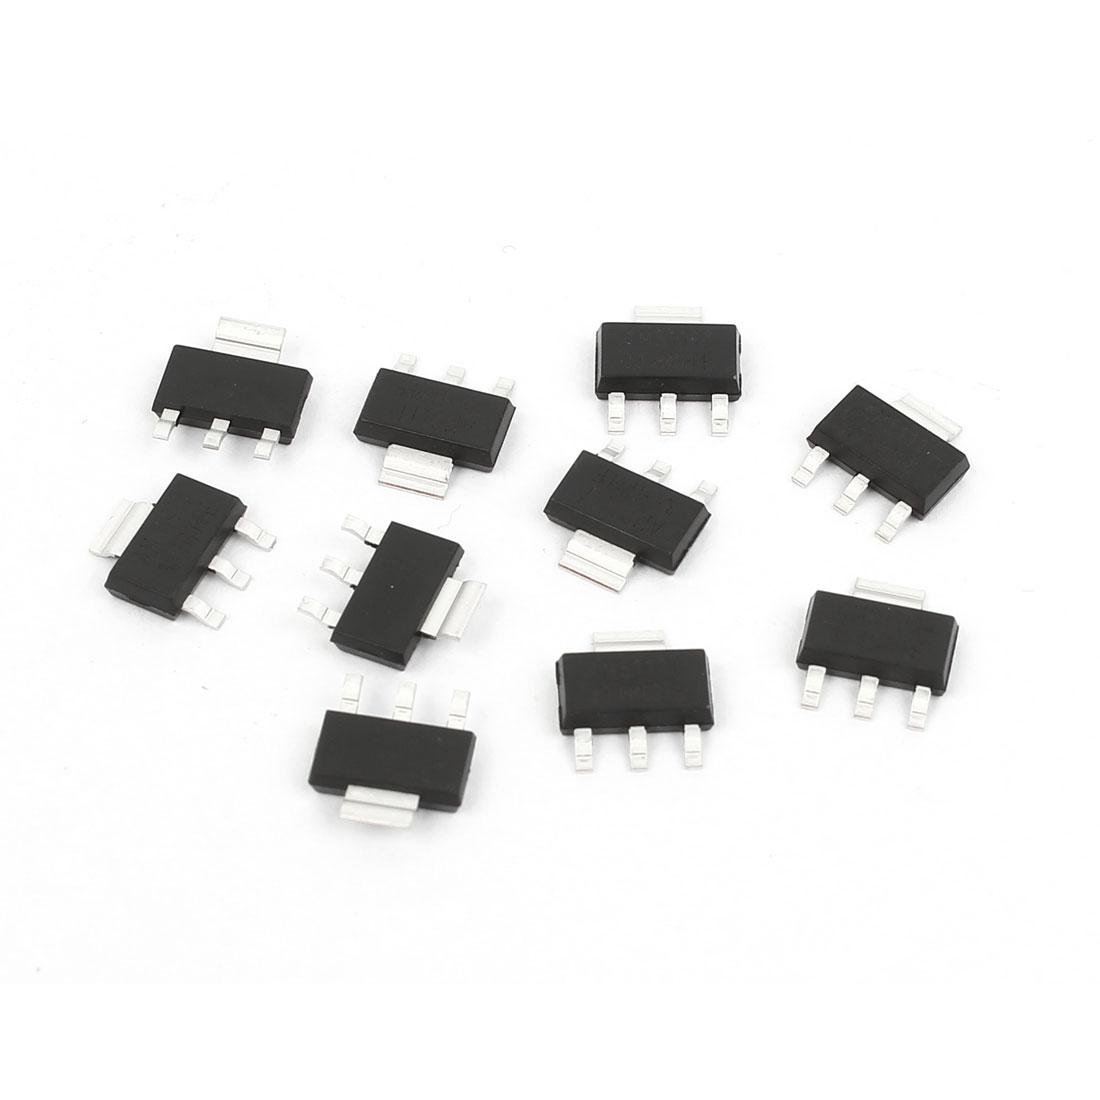 10 Pcs AMS1117-3.3 3.3V SOT-223 Low Dropout Voltage Linear Regulator IC